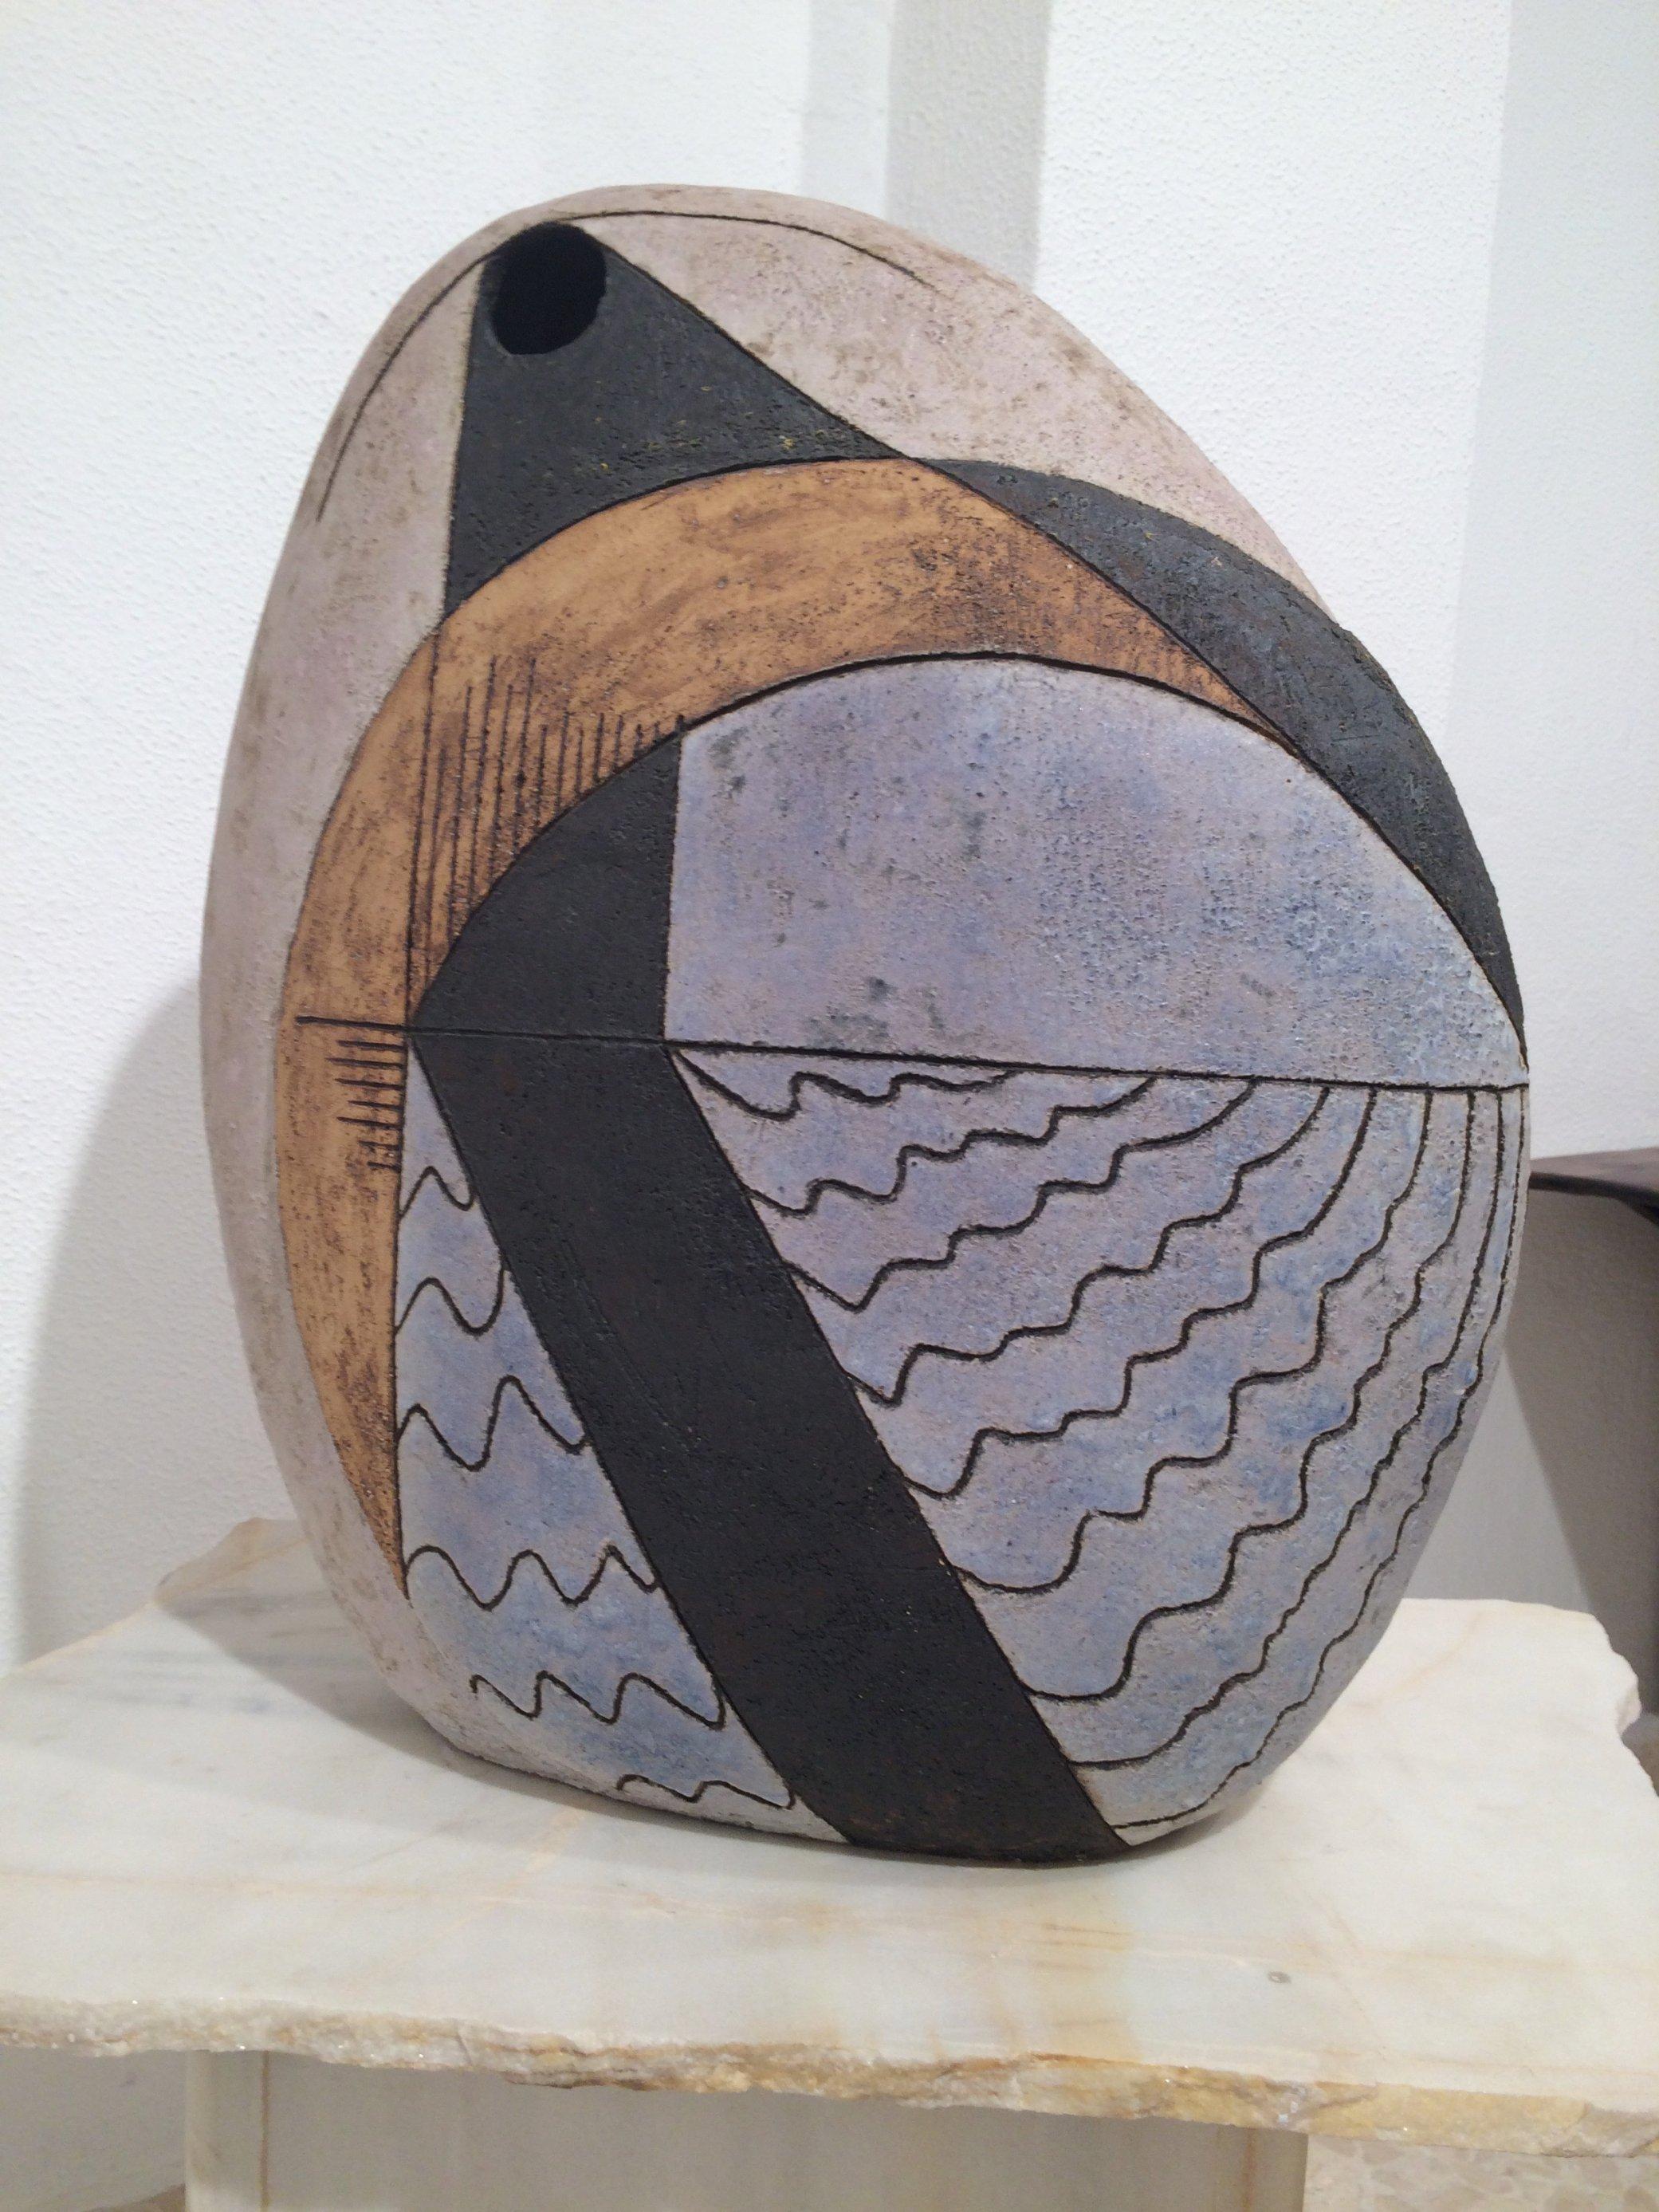 Escultura cerámica sin título (2001) - Agustín Morales Jiménez